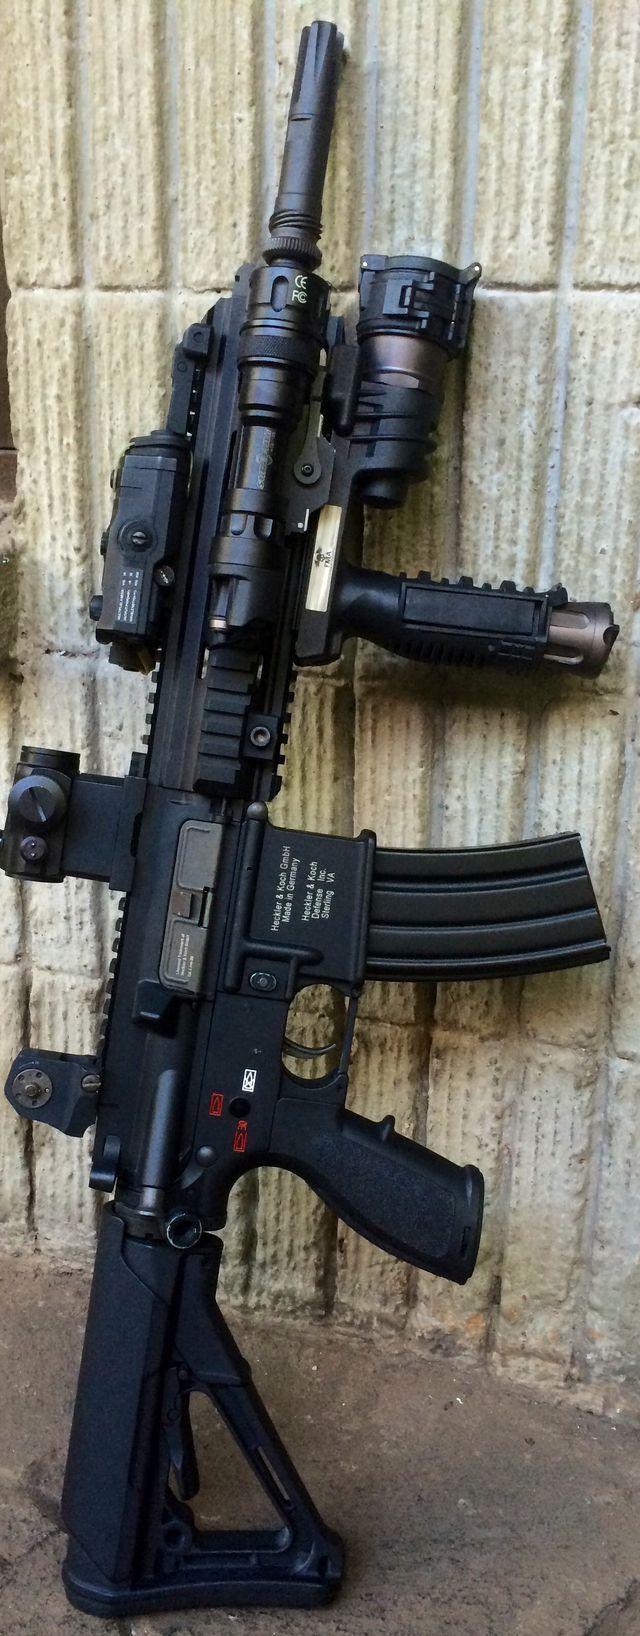 Sweet AR-15